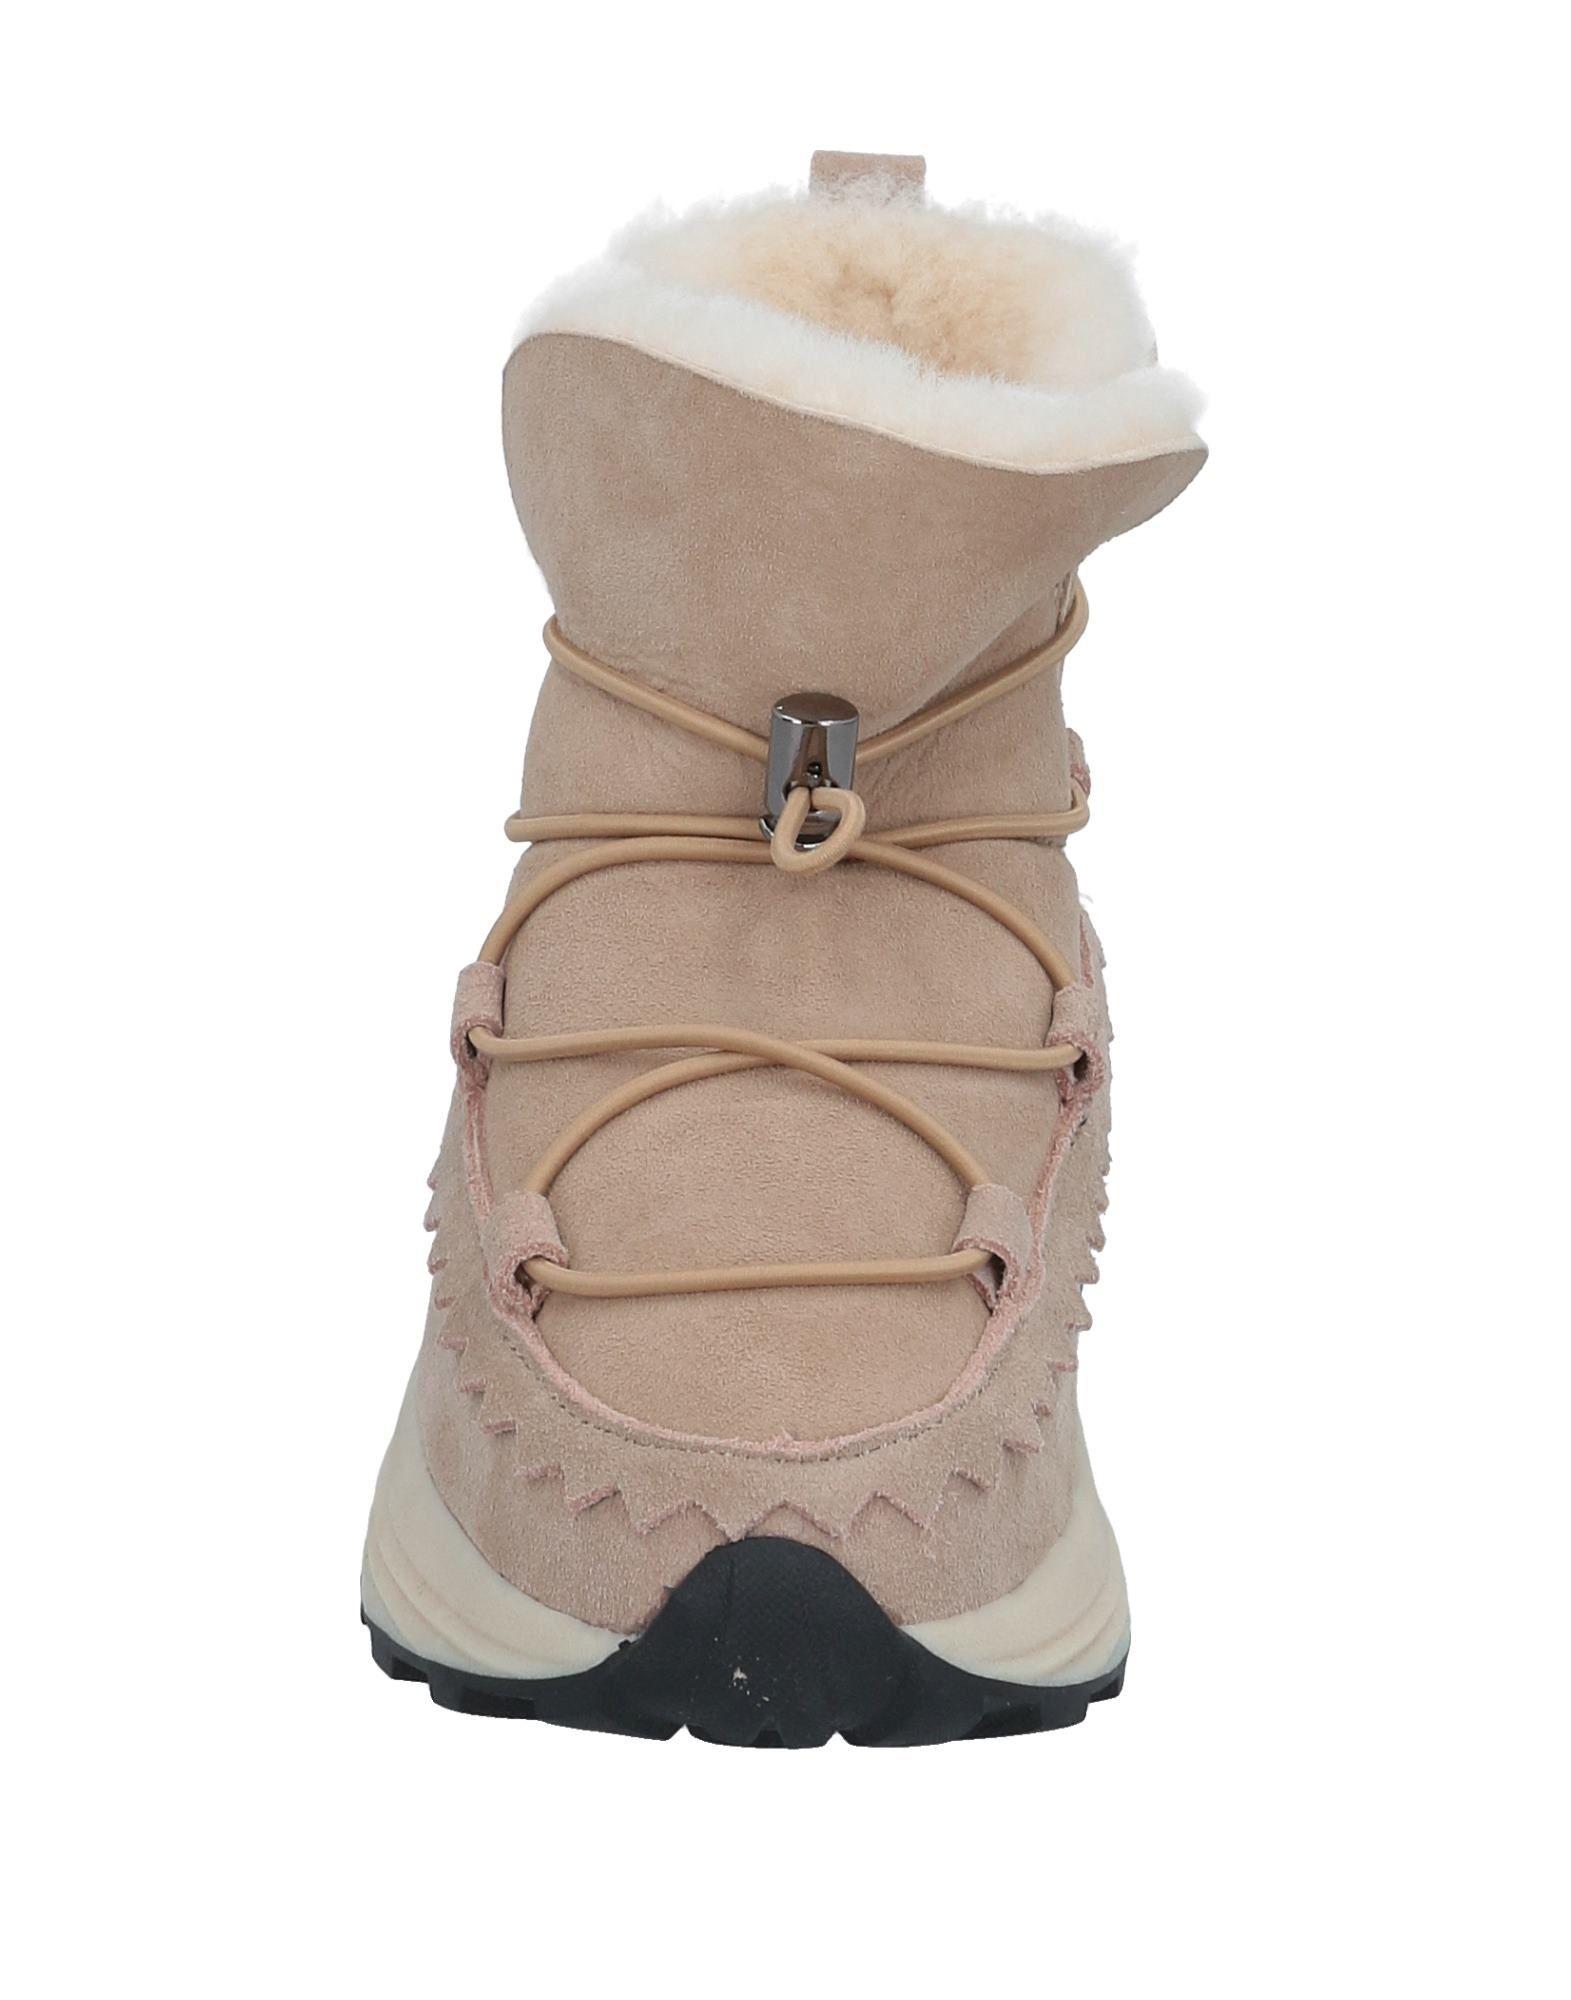 Roberto Della Croce Stiefelette Damen  11526478OV Gute Schuhe Qualität beliebte Schuhe Gute 1ec5f3